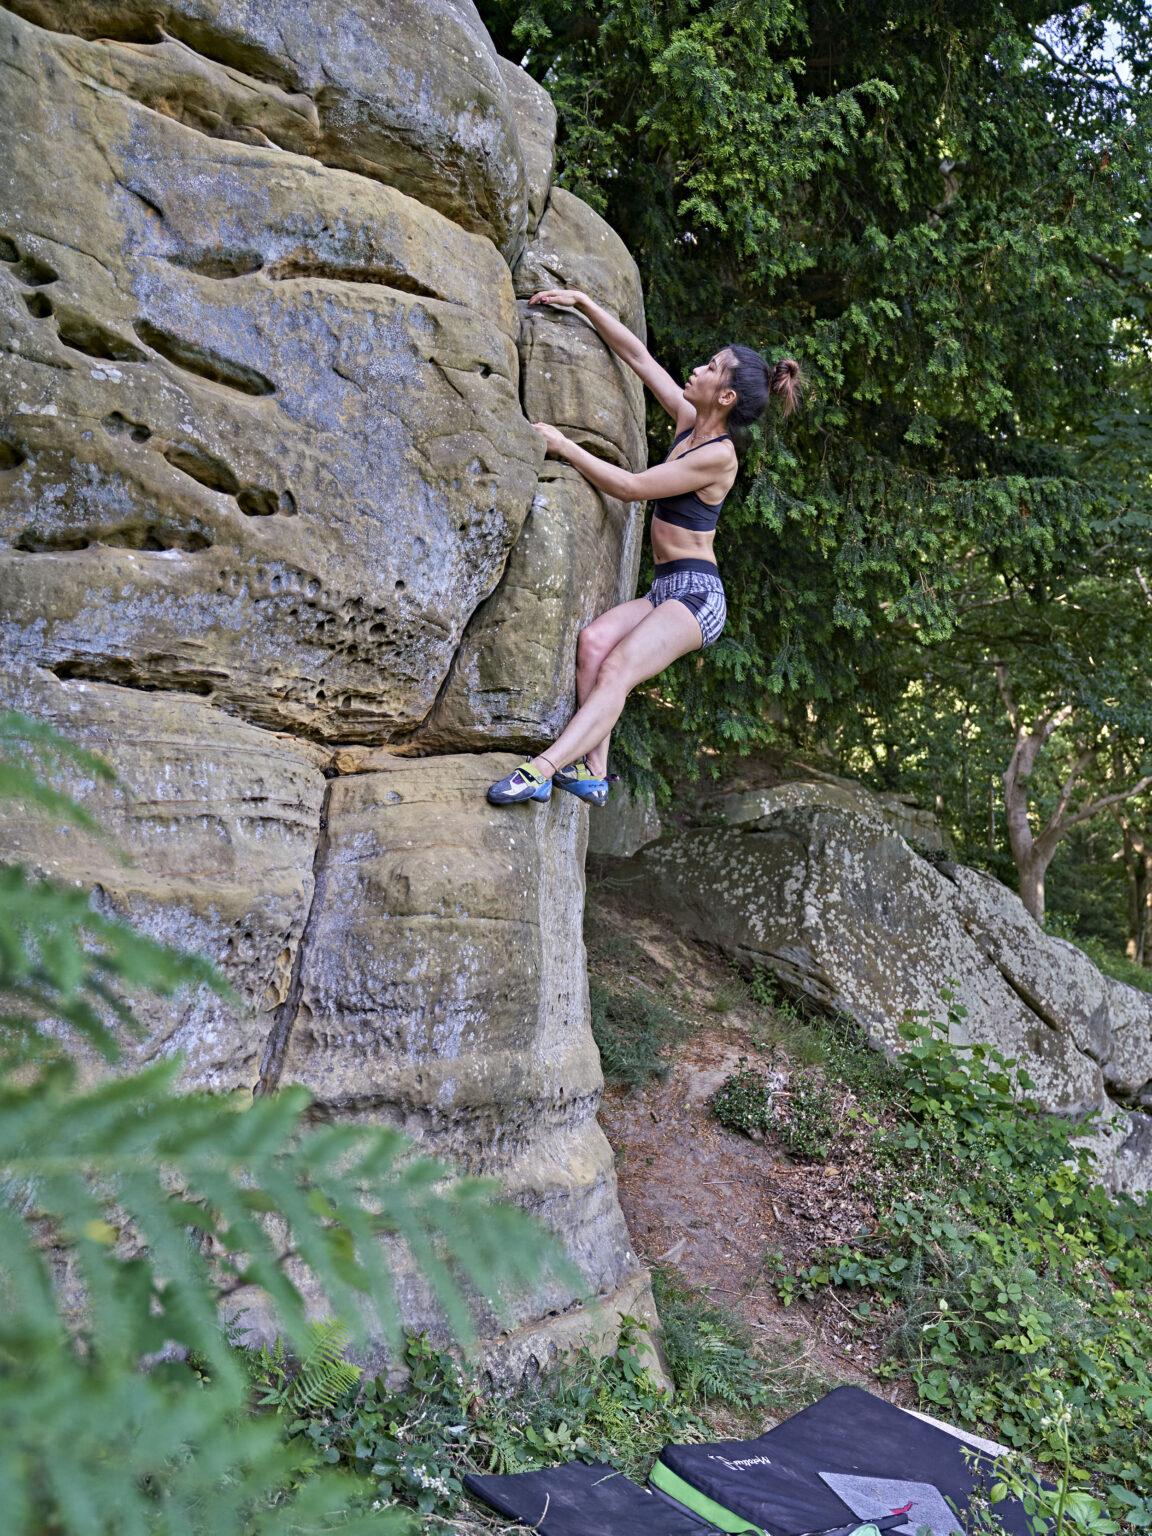 Bouldering in Happy Valley